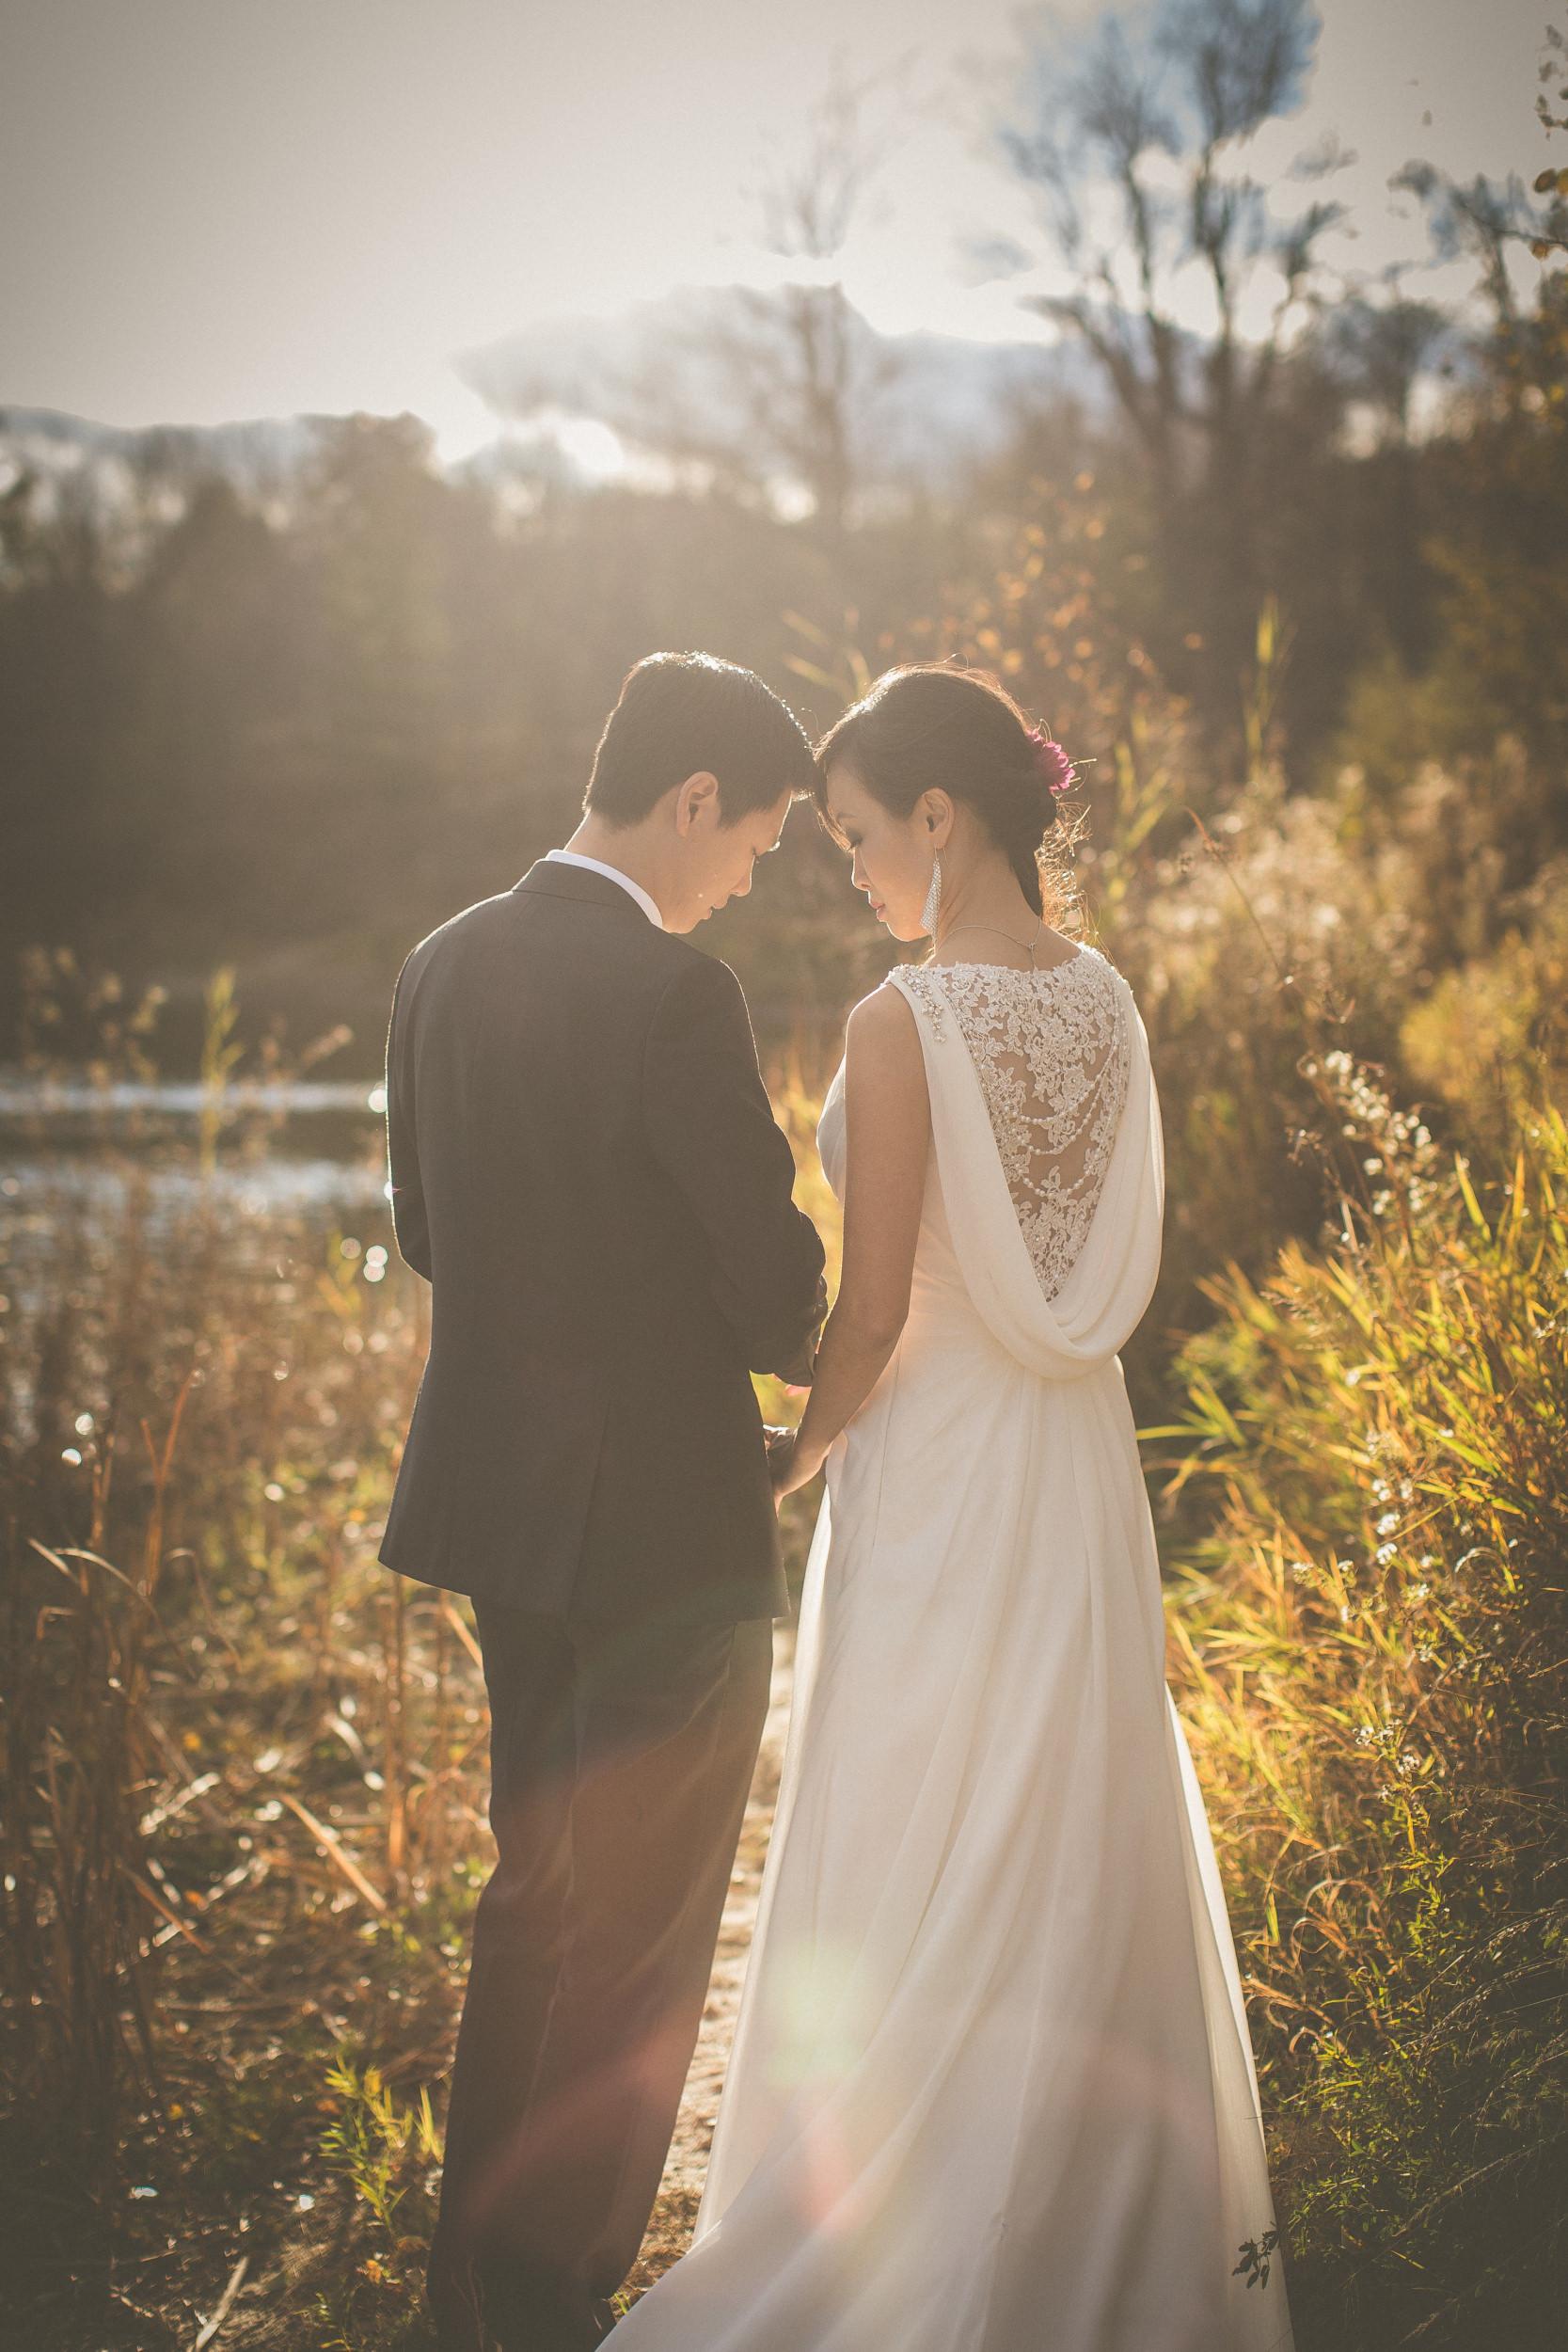 caledon wedding photographer, caledon wedding photography, wedding photos caledon, forks of the credit wedding photos, forks of the credit photos